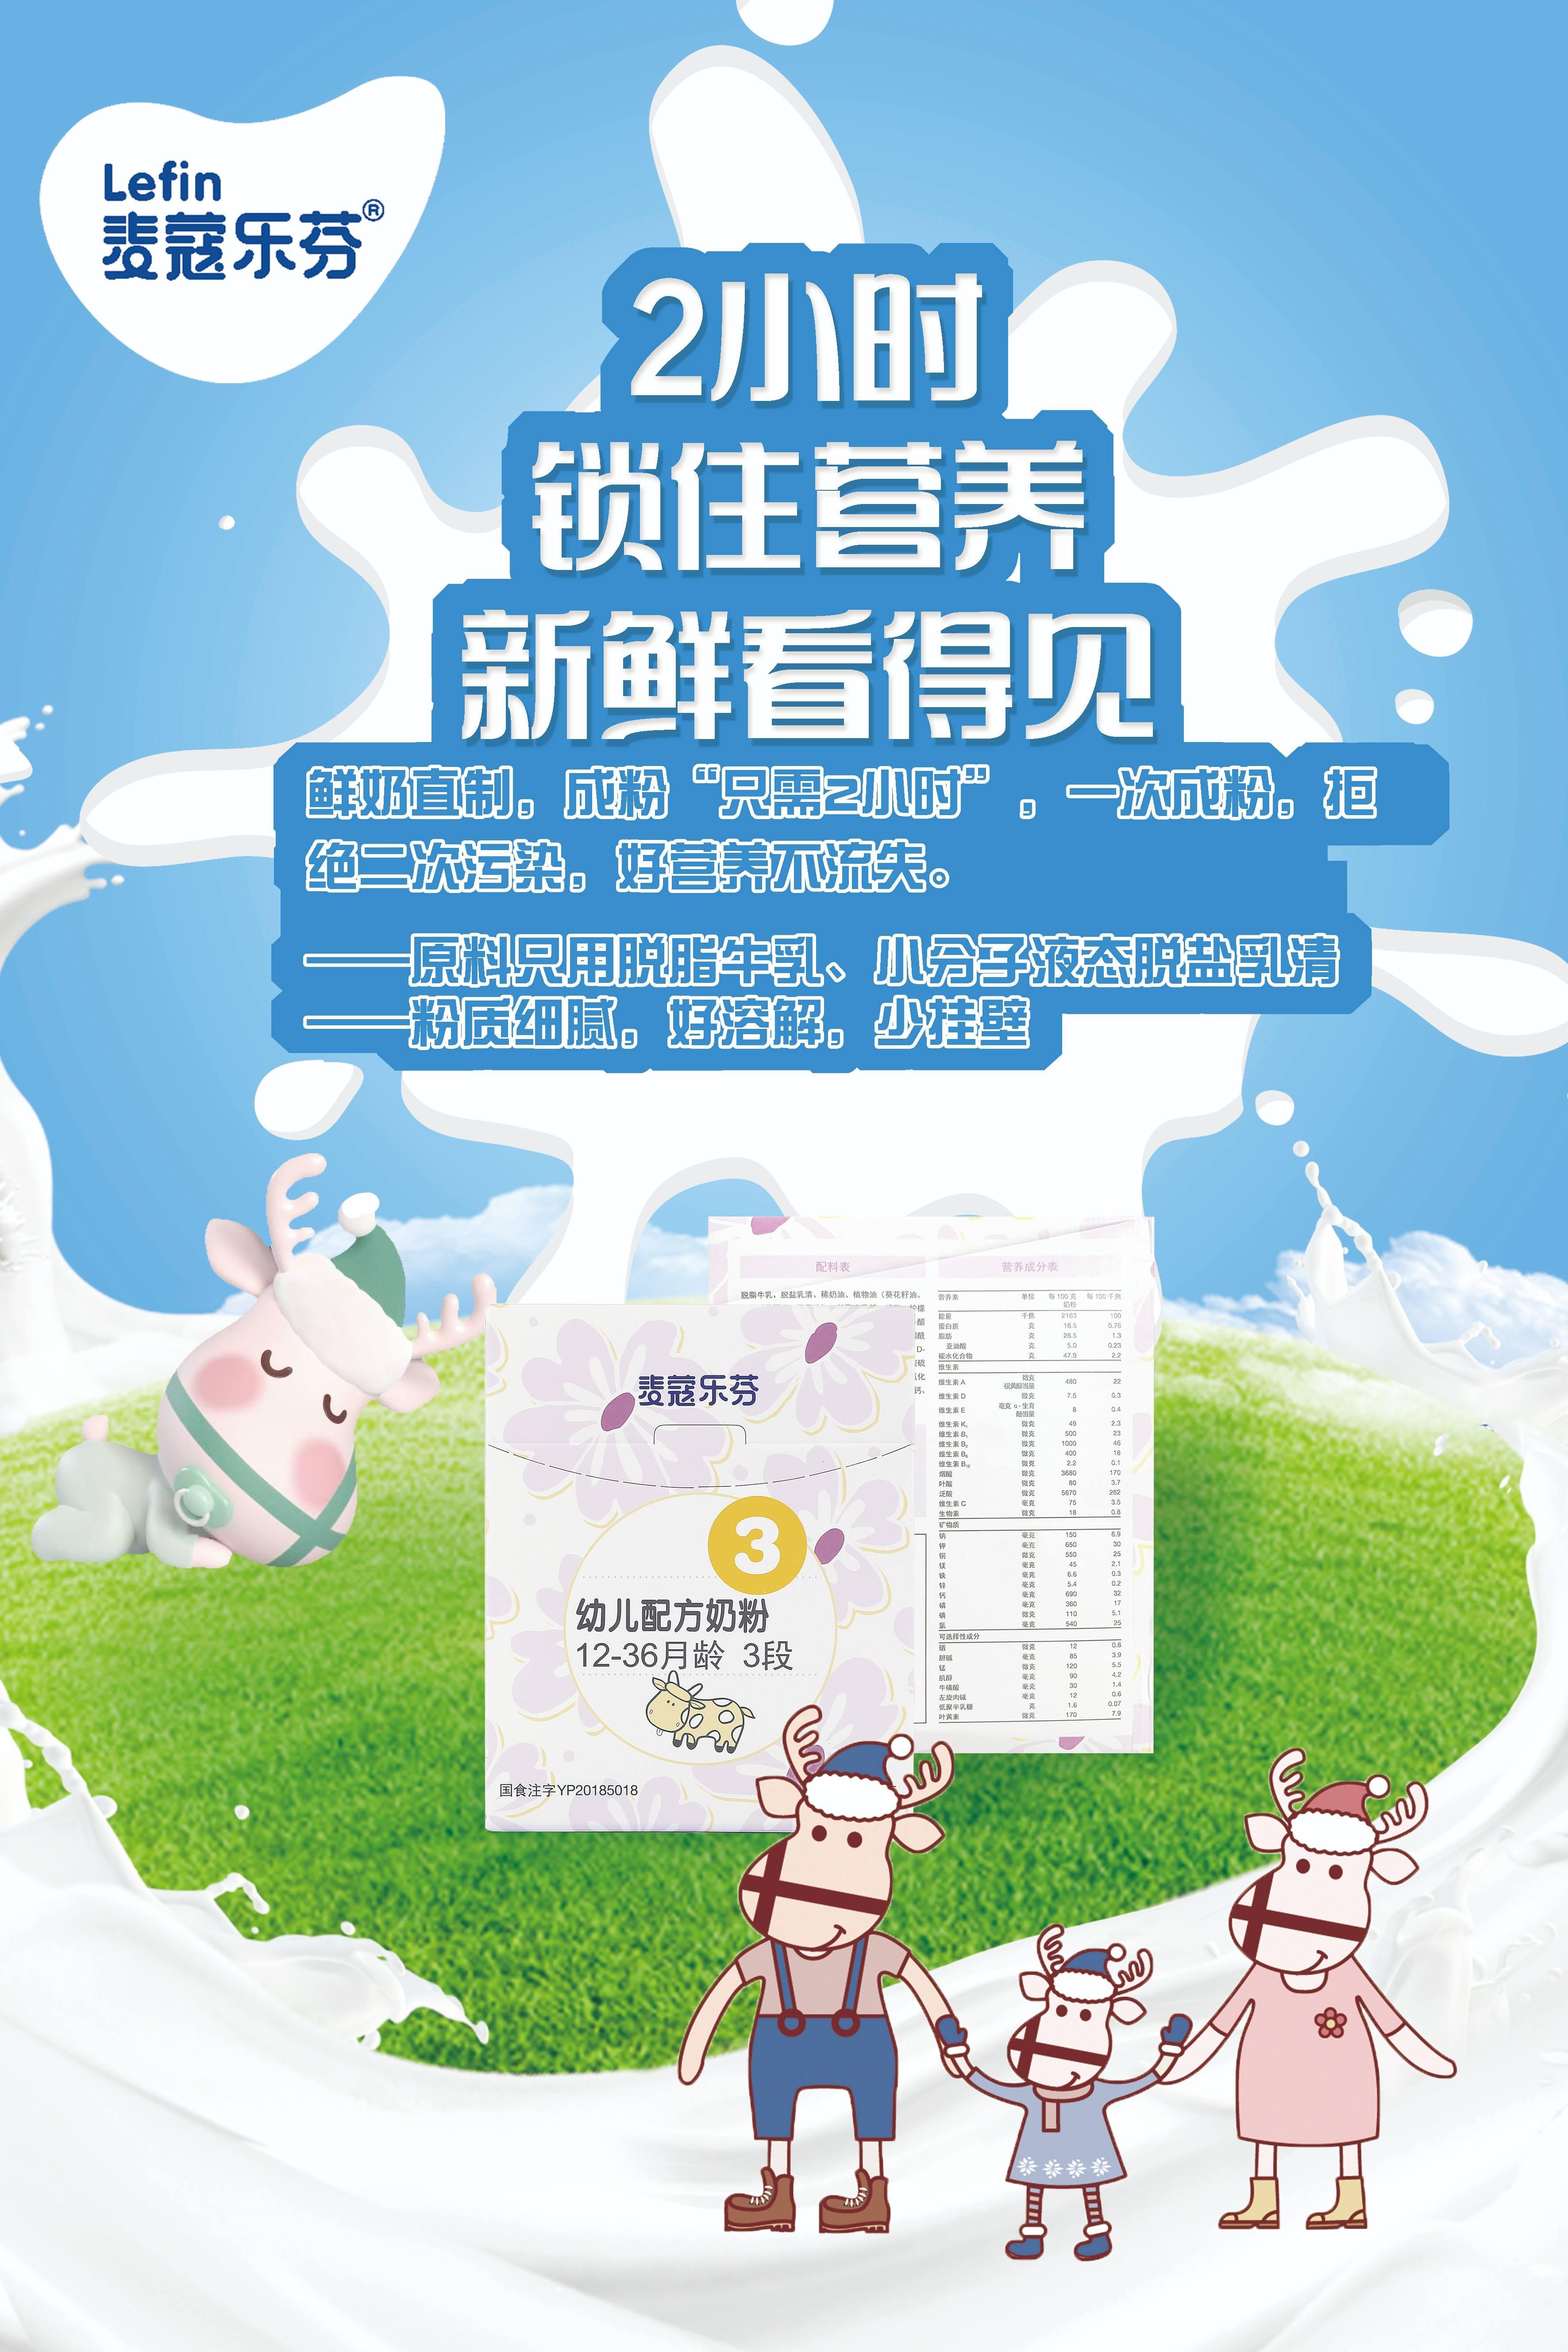 上海泰灏国际贸易有限公司